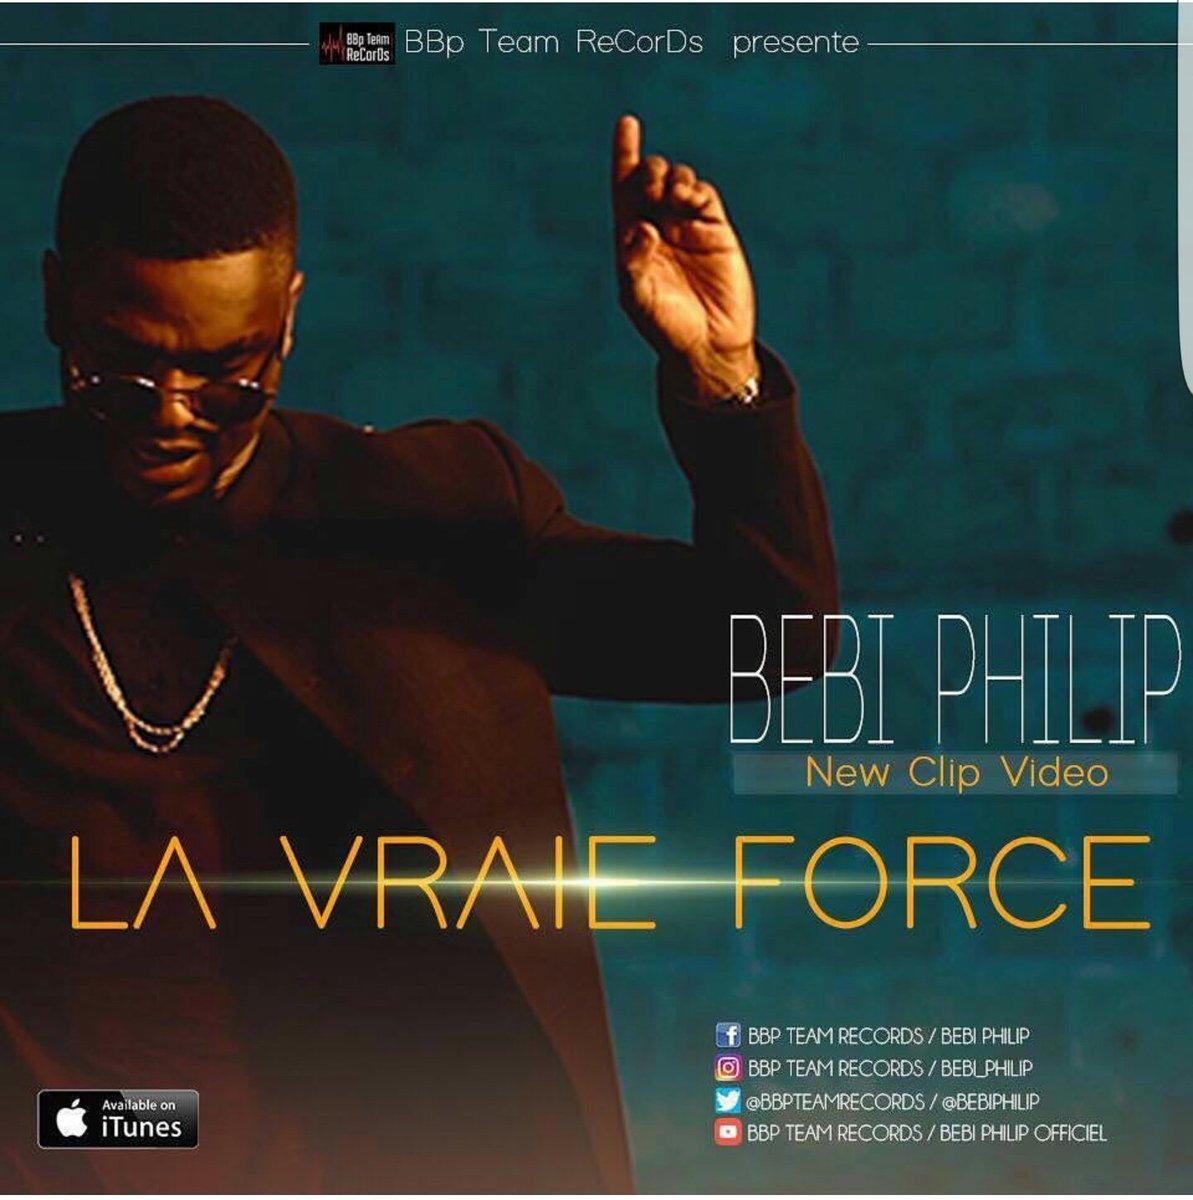 Video officielle du nouveau clip de &quot;MrBBP&quot; sur Youtube. #La Vraie Force   https:// youtu.be/GlwS8DAFAUk  &nbsp;    @bebiphilip<br>http://pic.twitter.com/lyyWozekKb